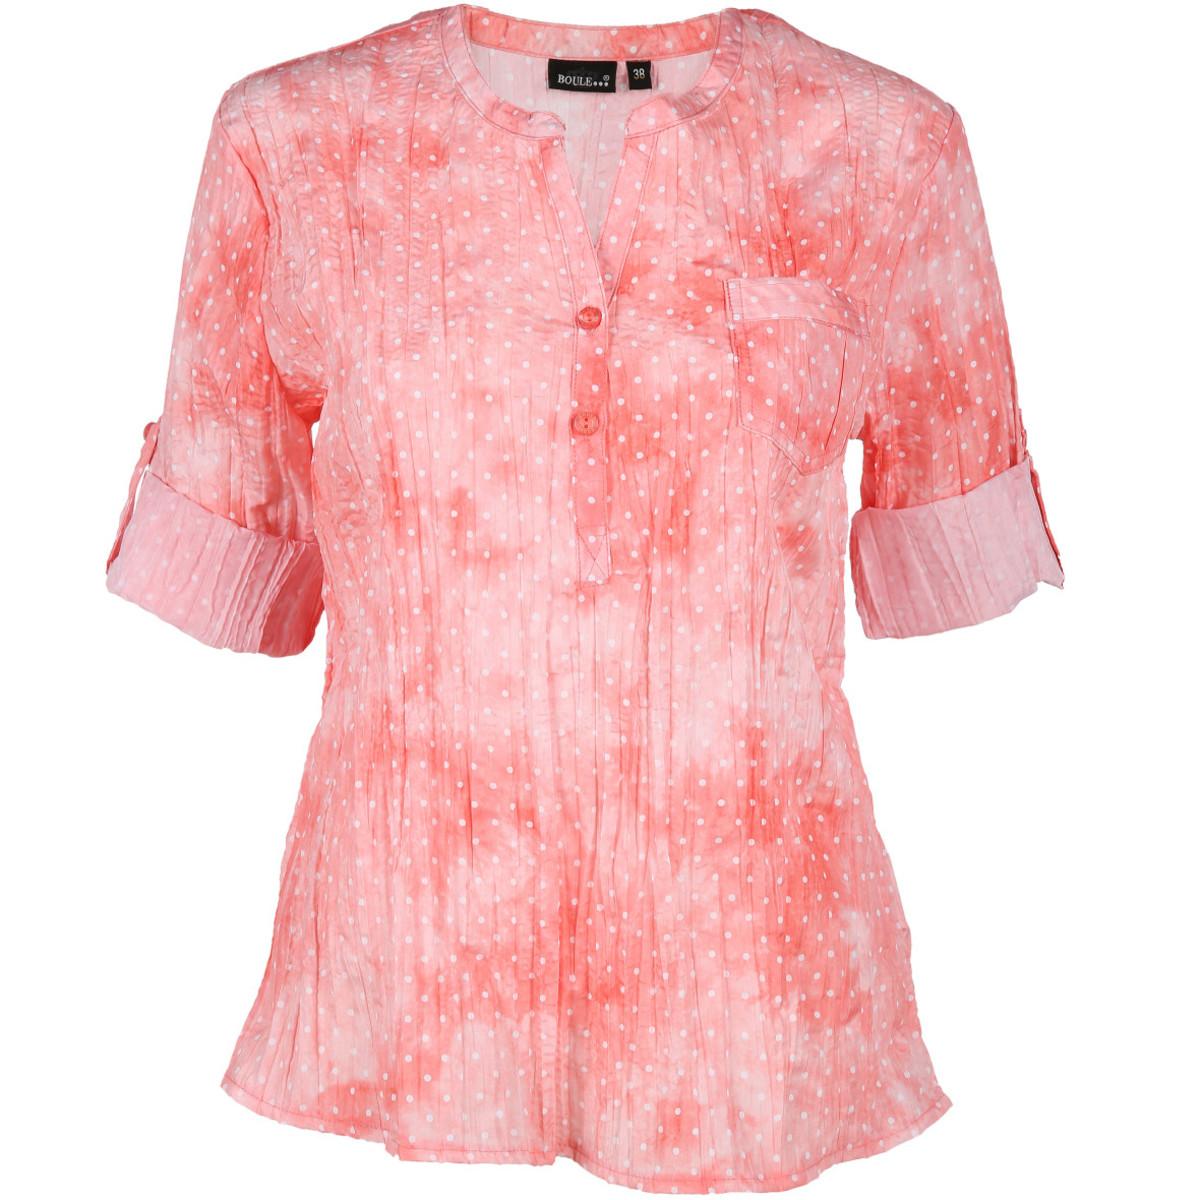 Bild 1 von Damen Bluse in Crash Optik